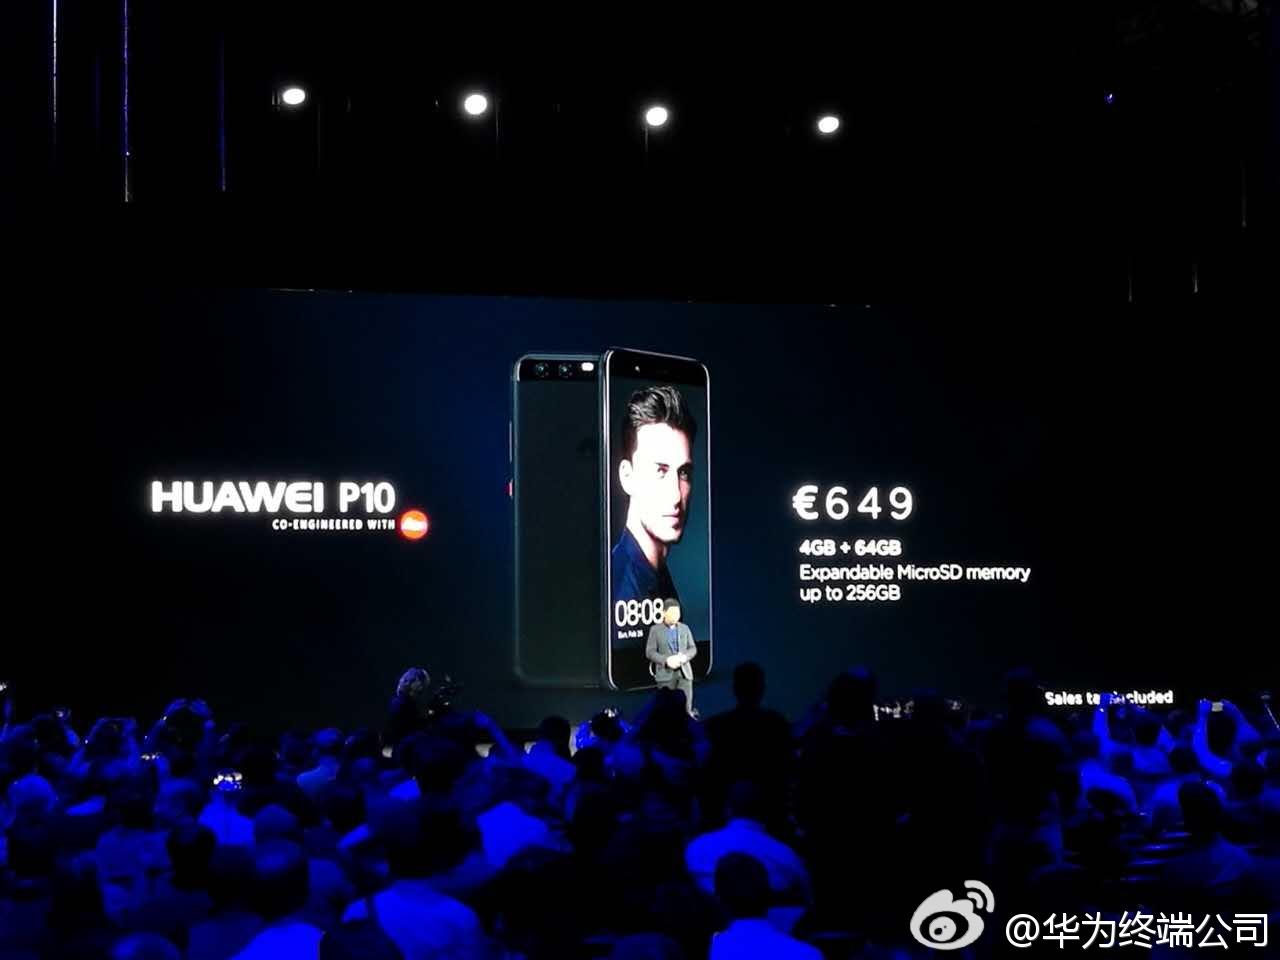 #华为MWC2017#新品价格公布啦!#HUAWEIP10#4GB+64GB版售价649欧,#HUA